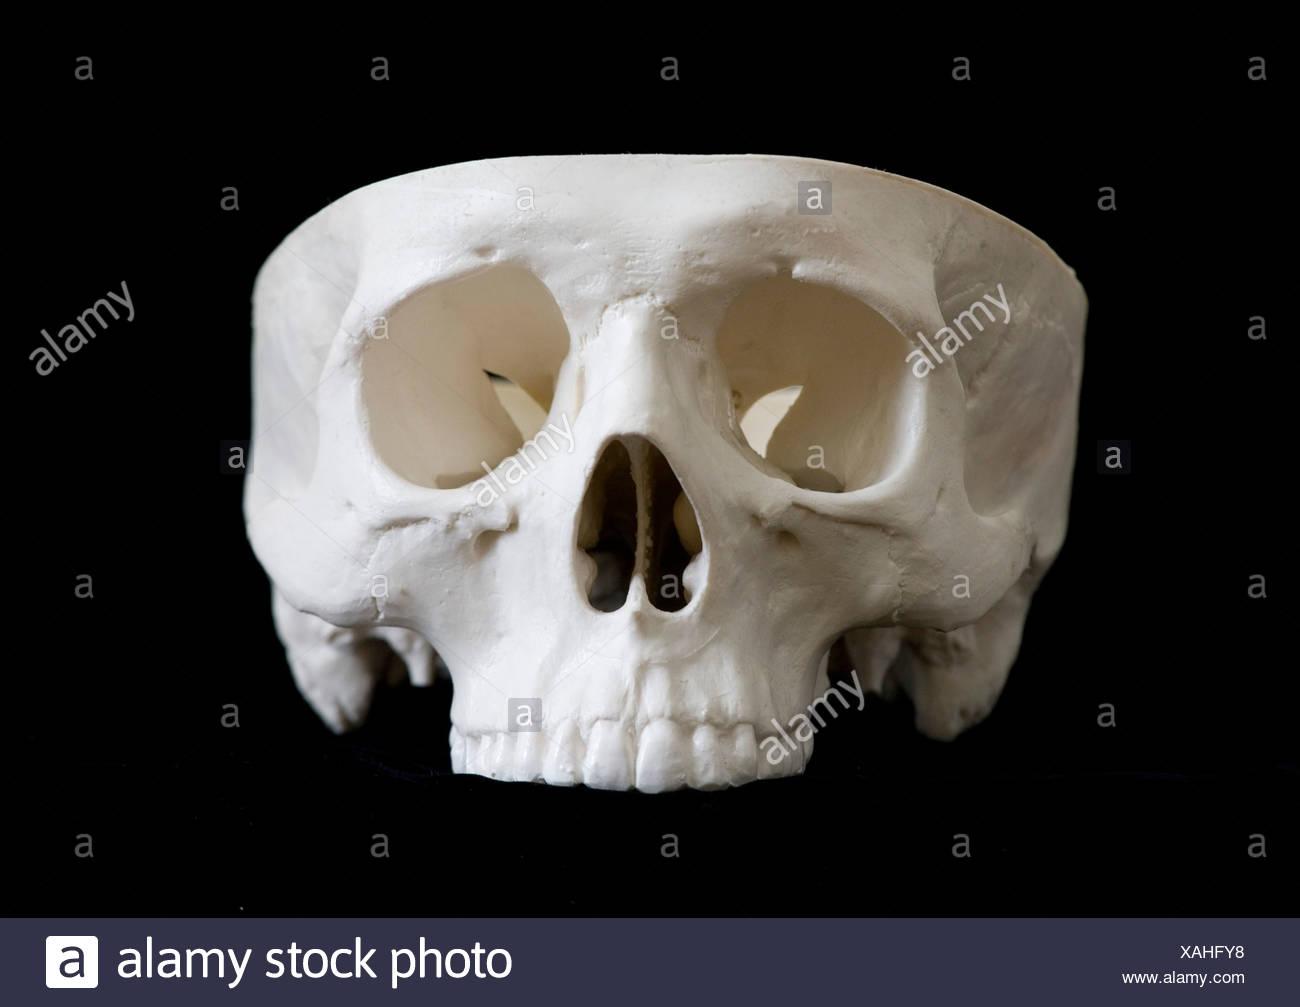 Menschliche Schädel Modellansicht von ventral, fehlende Schädeldecke ...